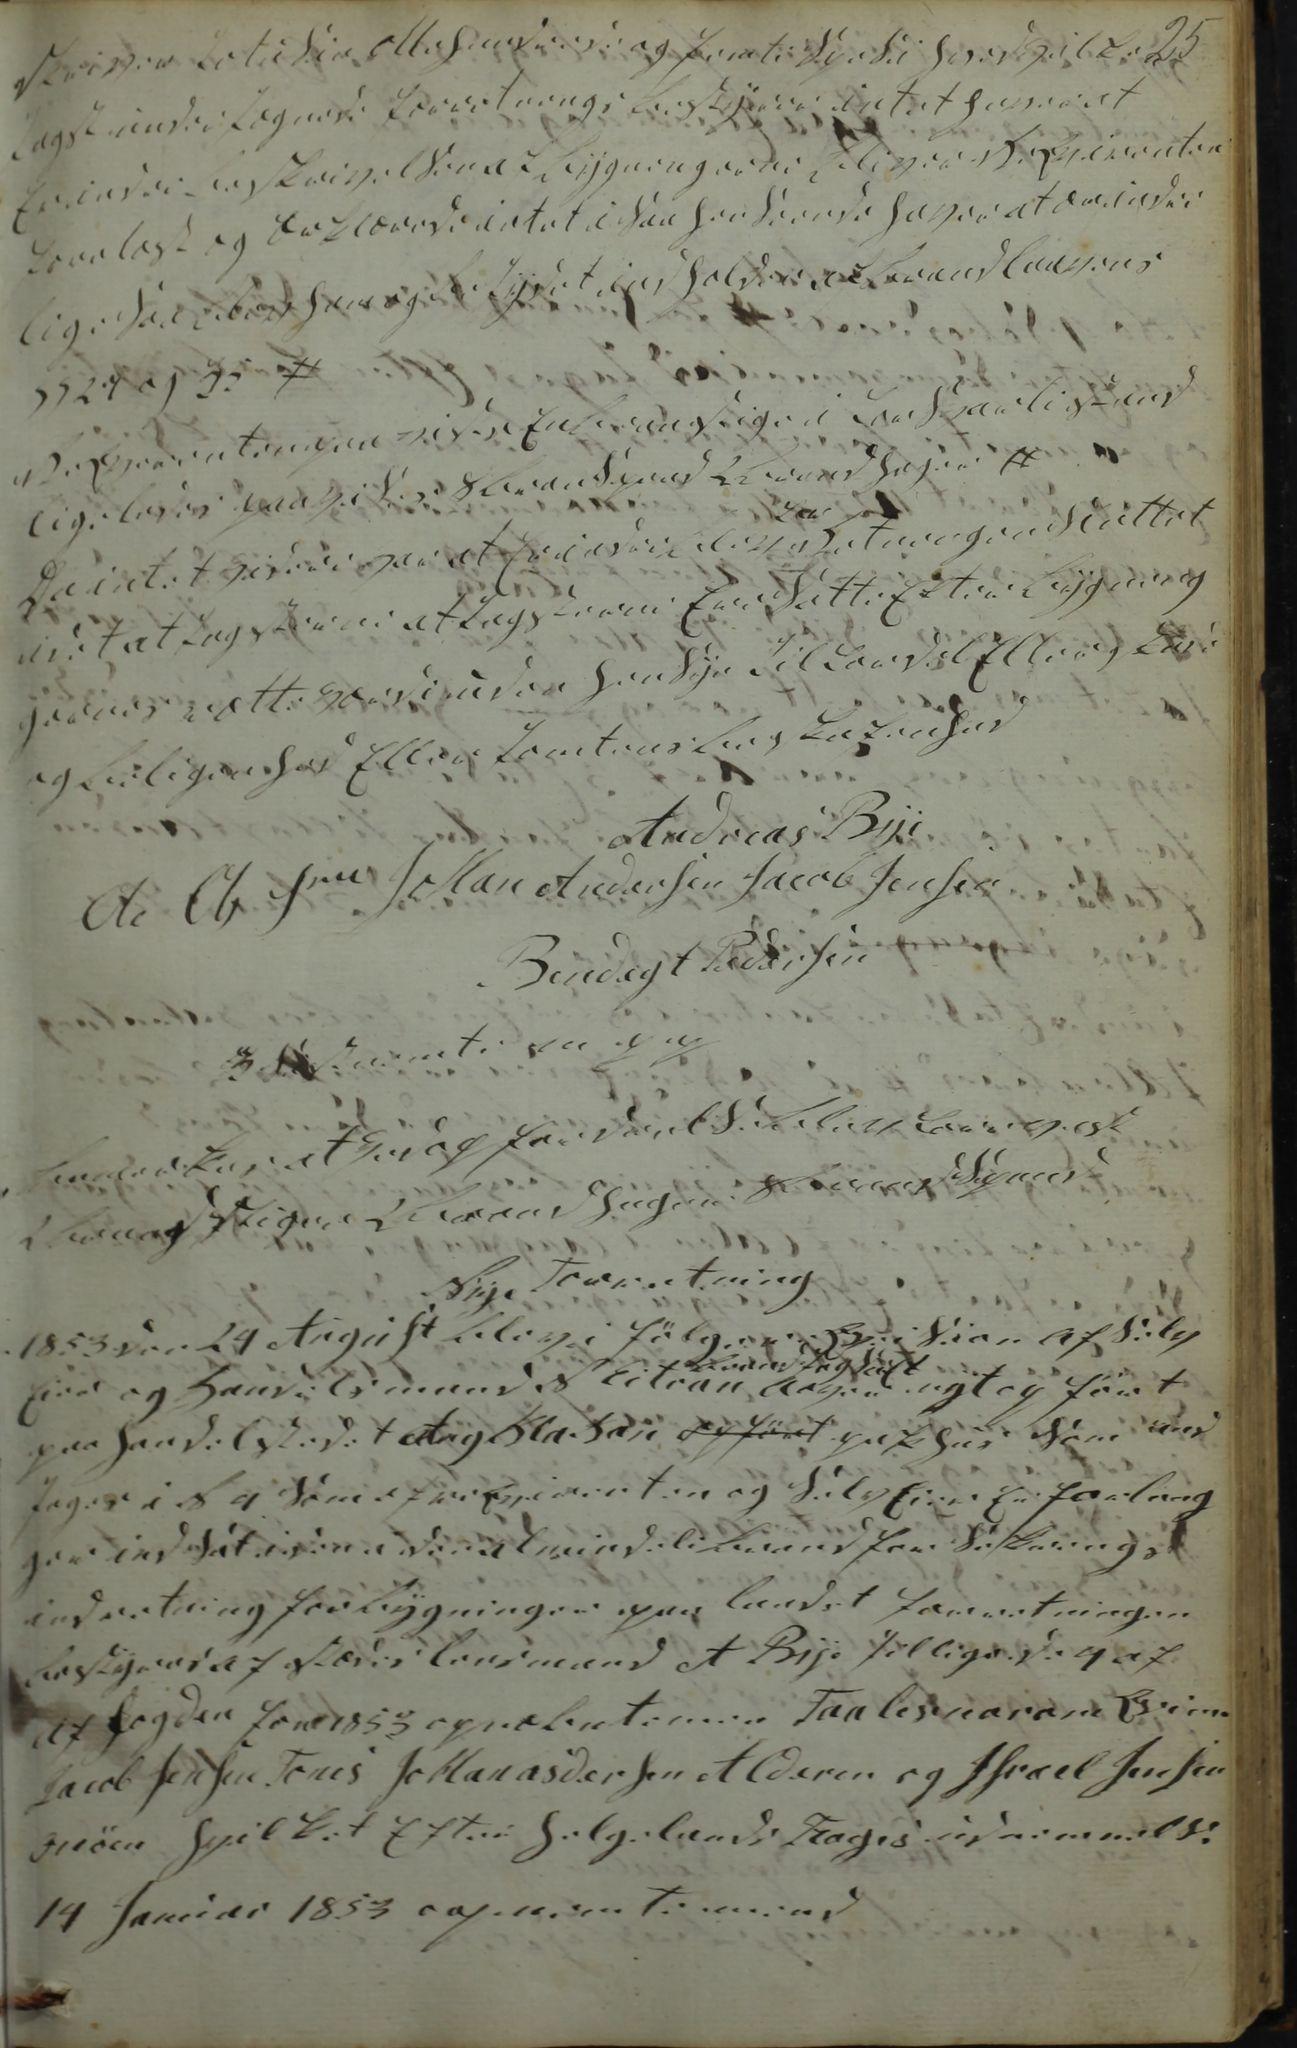 AIN, Lurøy kommune. Formannskapet, 100/L0001: Møtebok, 1836-1898, s. 25